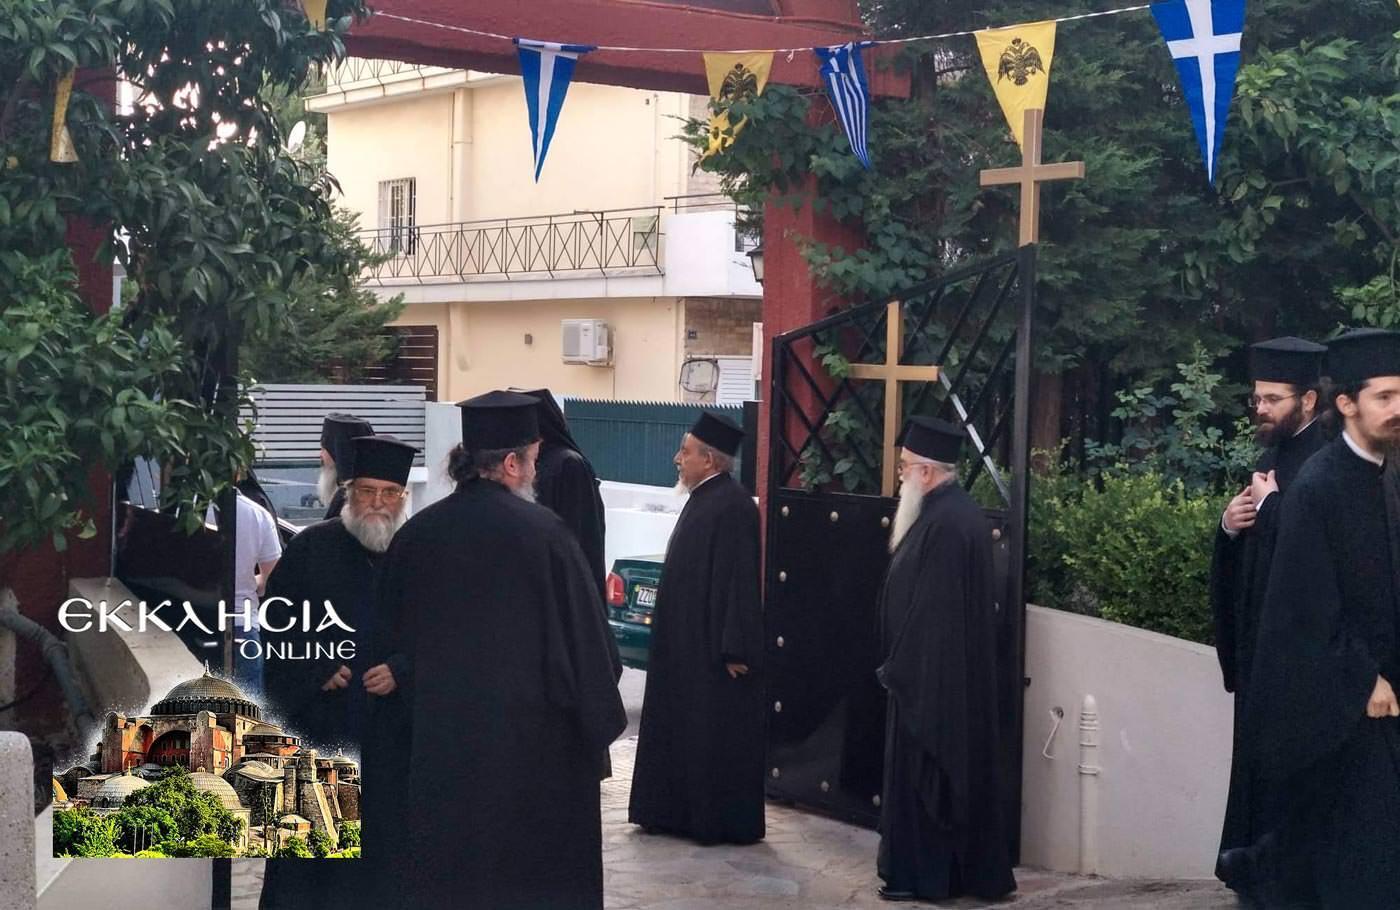 Αγία Τριάδα Γλυφάδας Αγίου Πνεύματος 2019